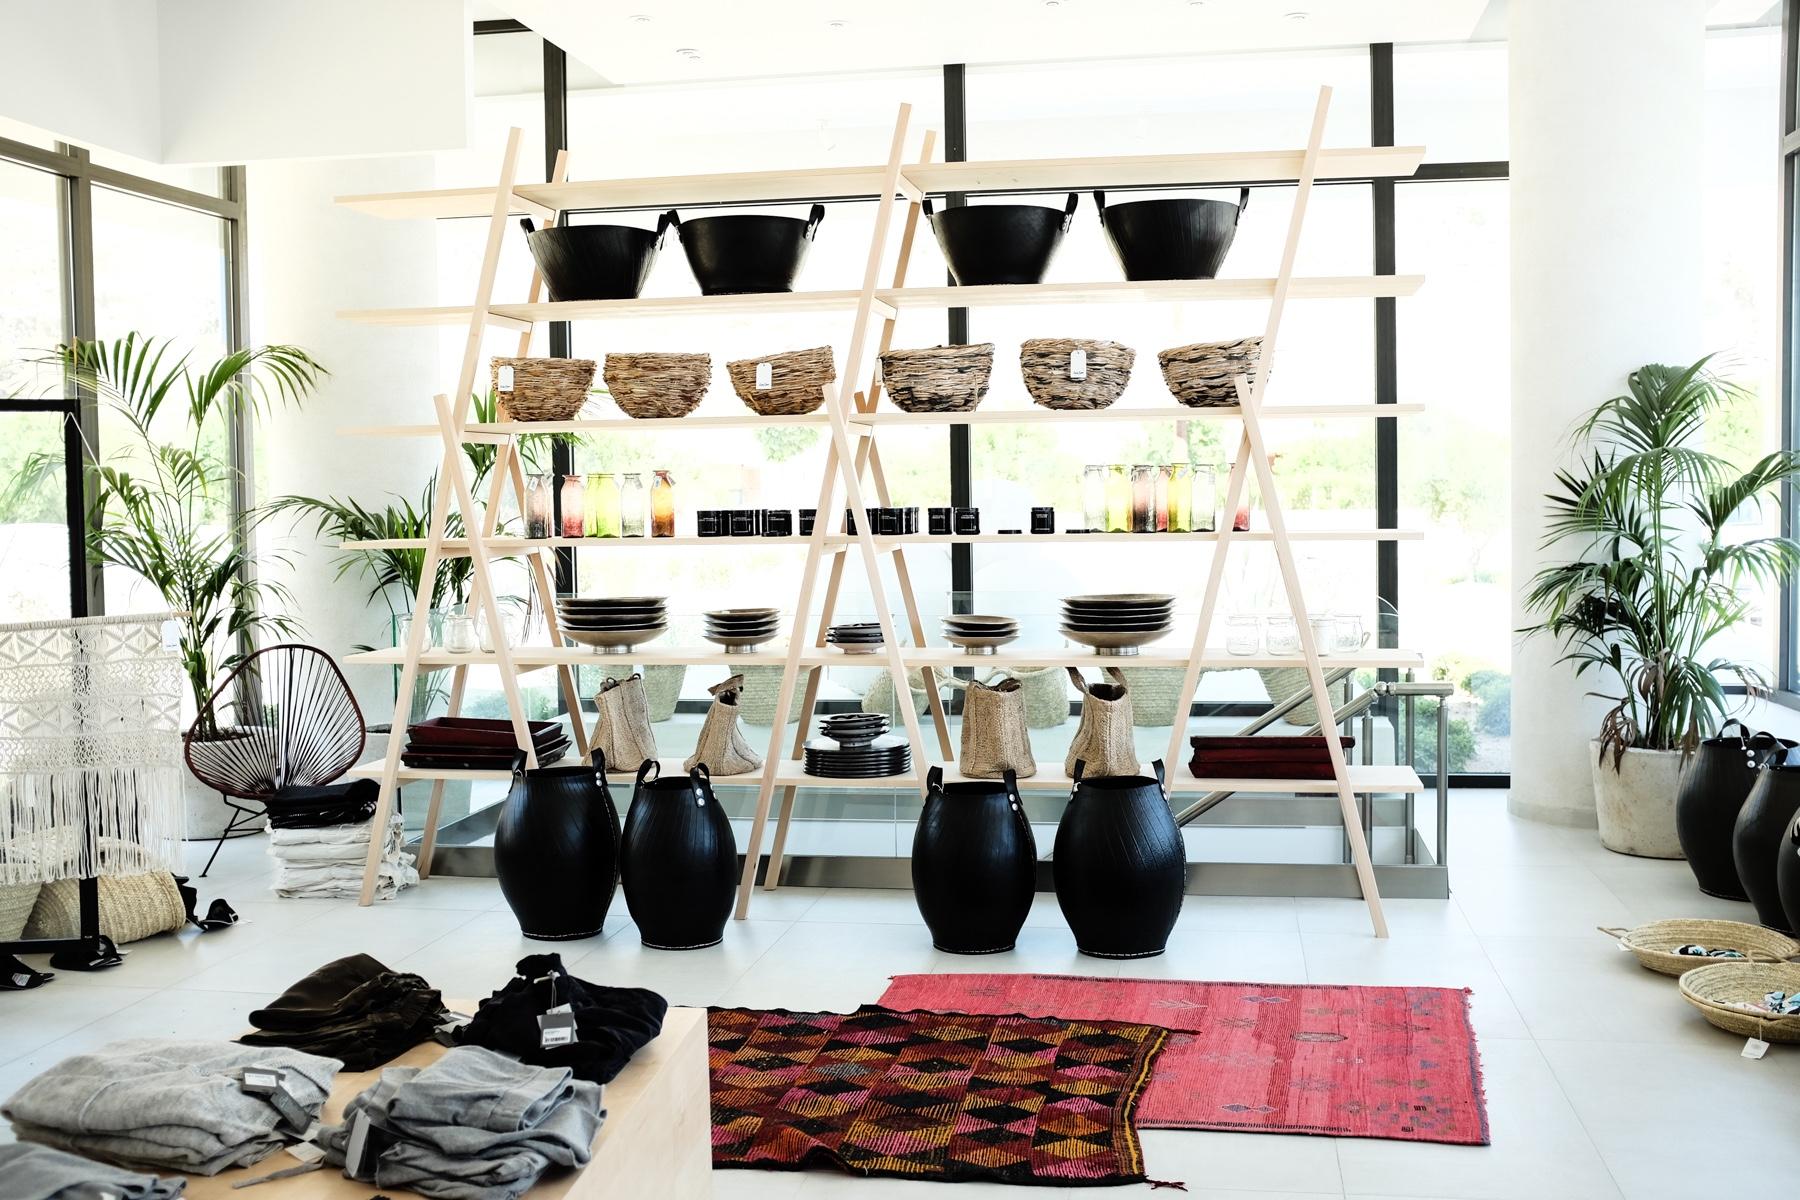 Style-Shiver-Travel-Casa-Cook-Rhodos-20; Casa Cook Rhodes